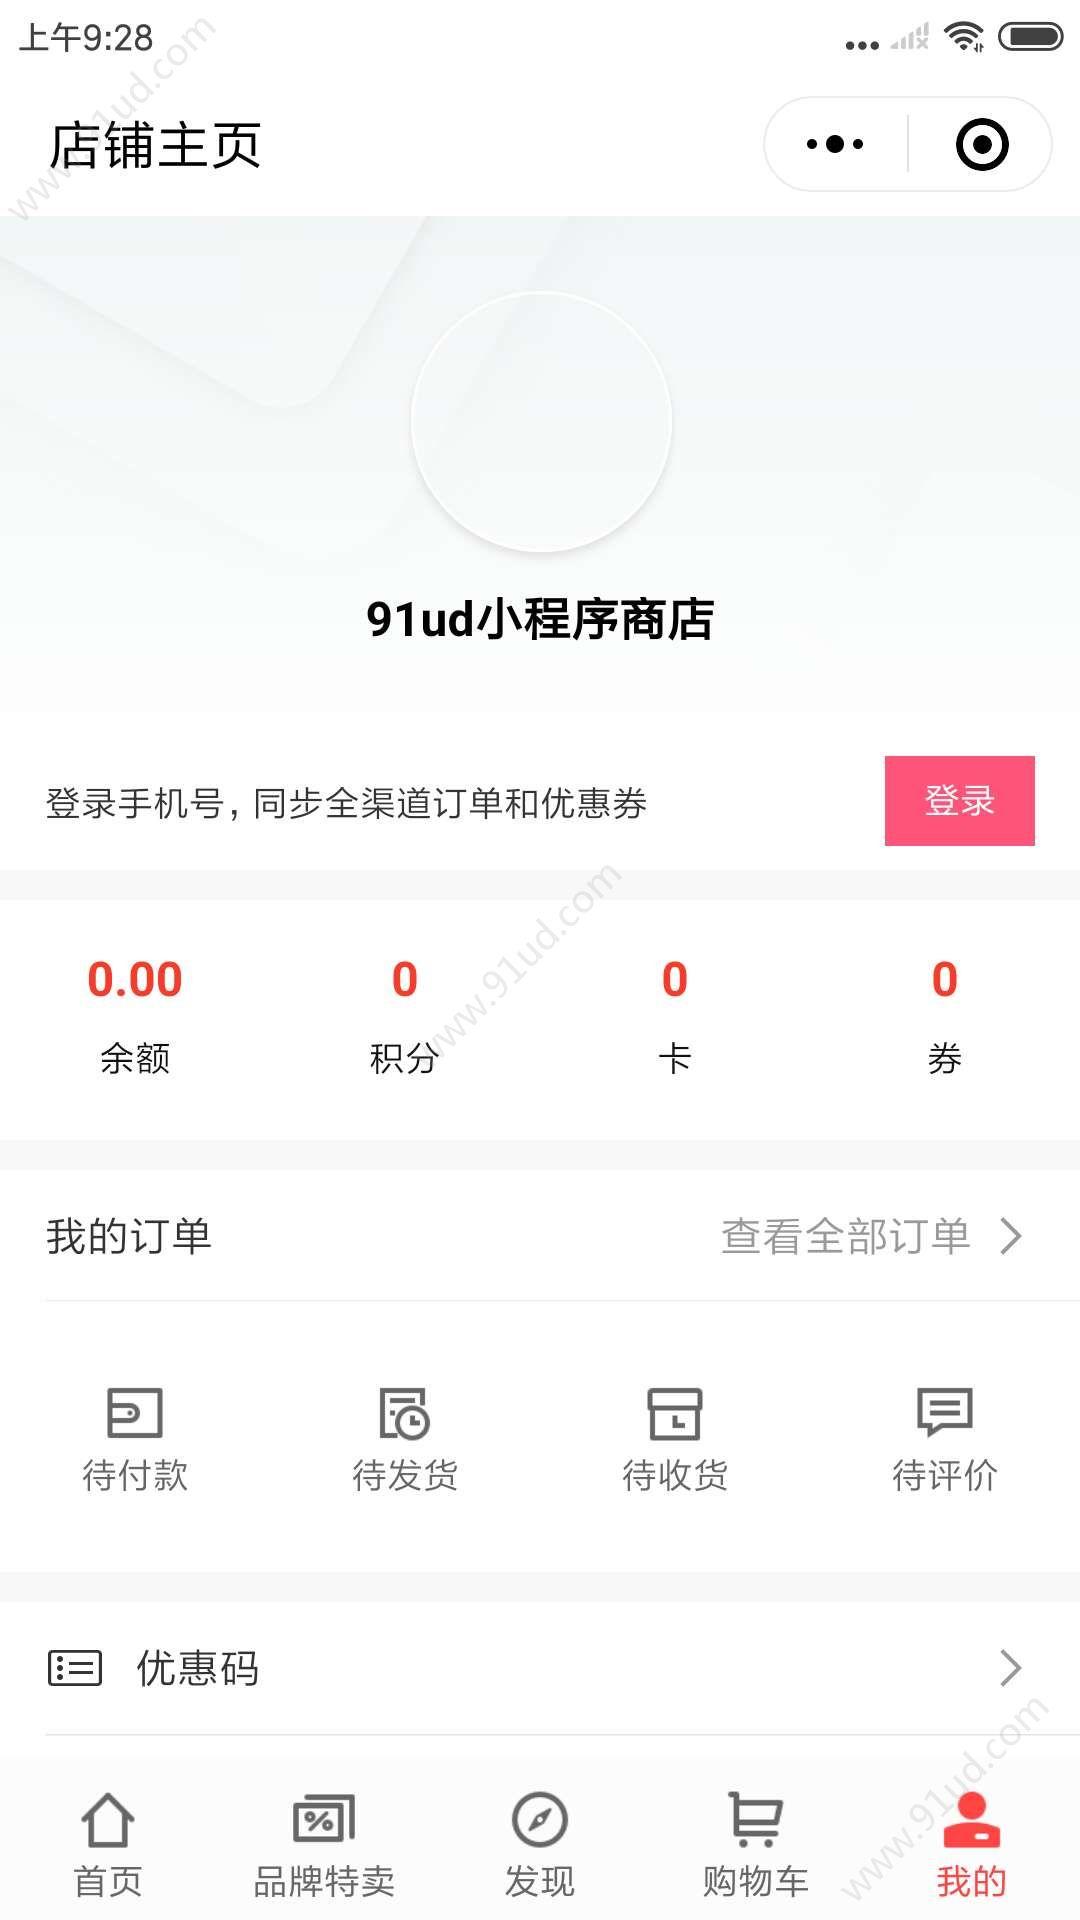 萌爪CN小程序截图